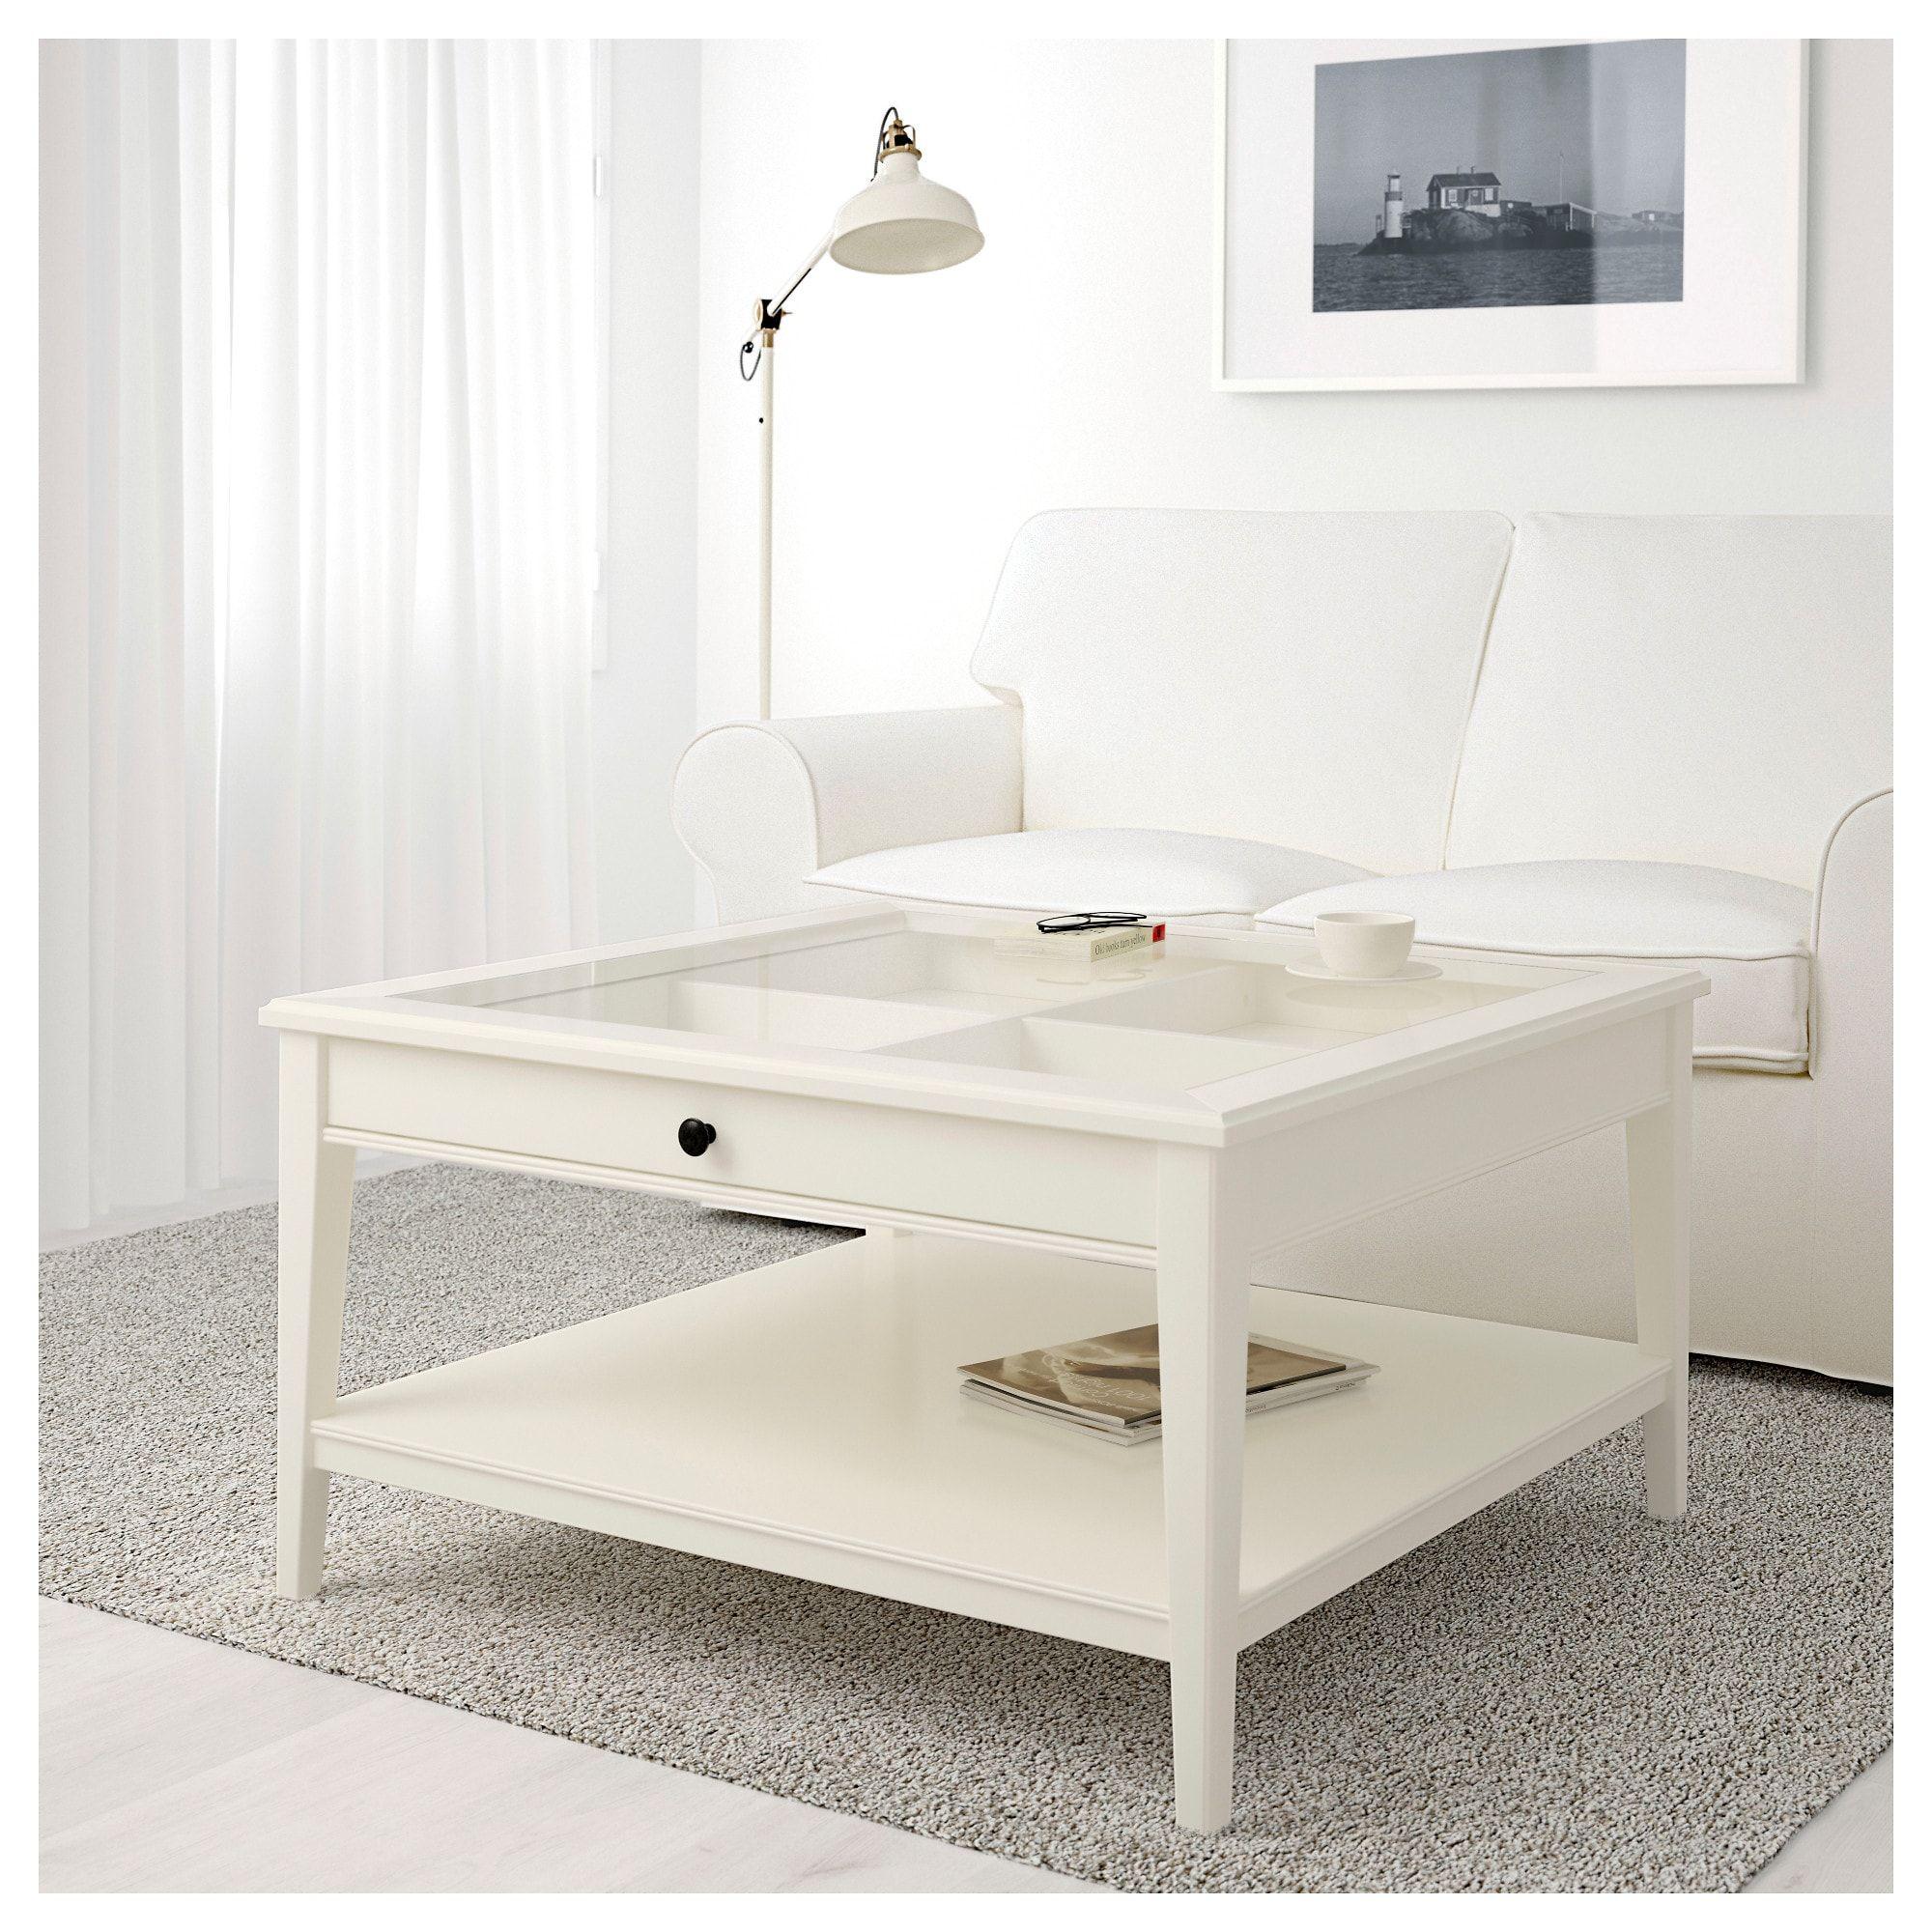 Liatorp Coffee Table White Glass 36 5 8x36 5 8 Tavolino Da